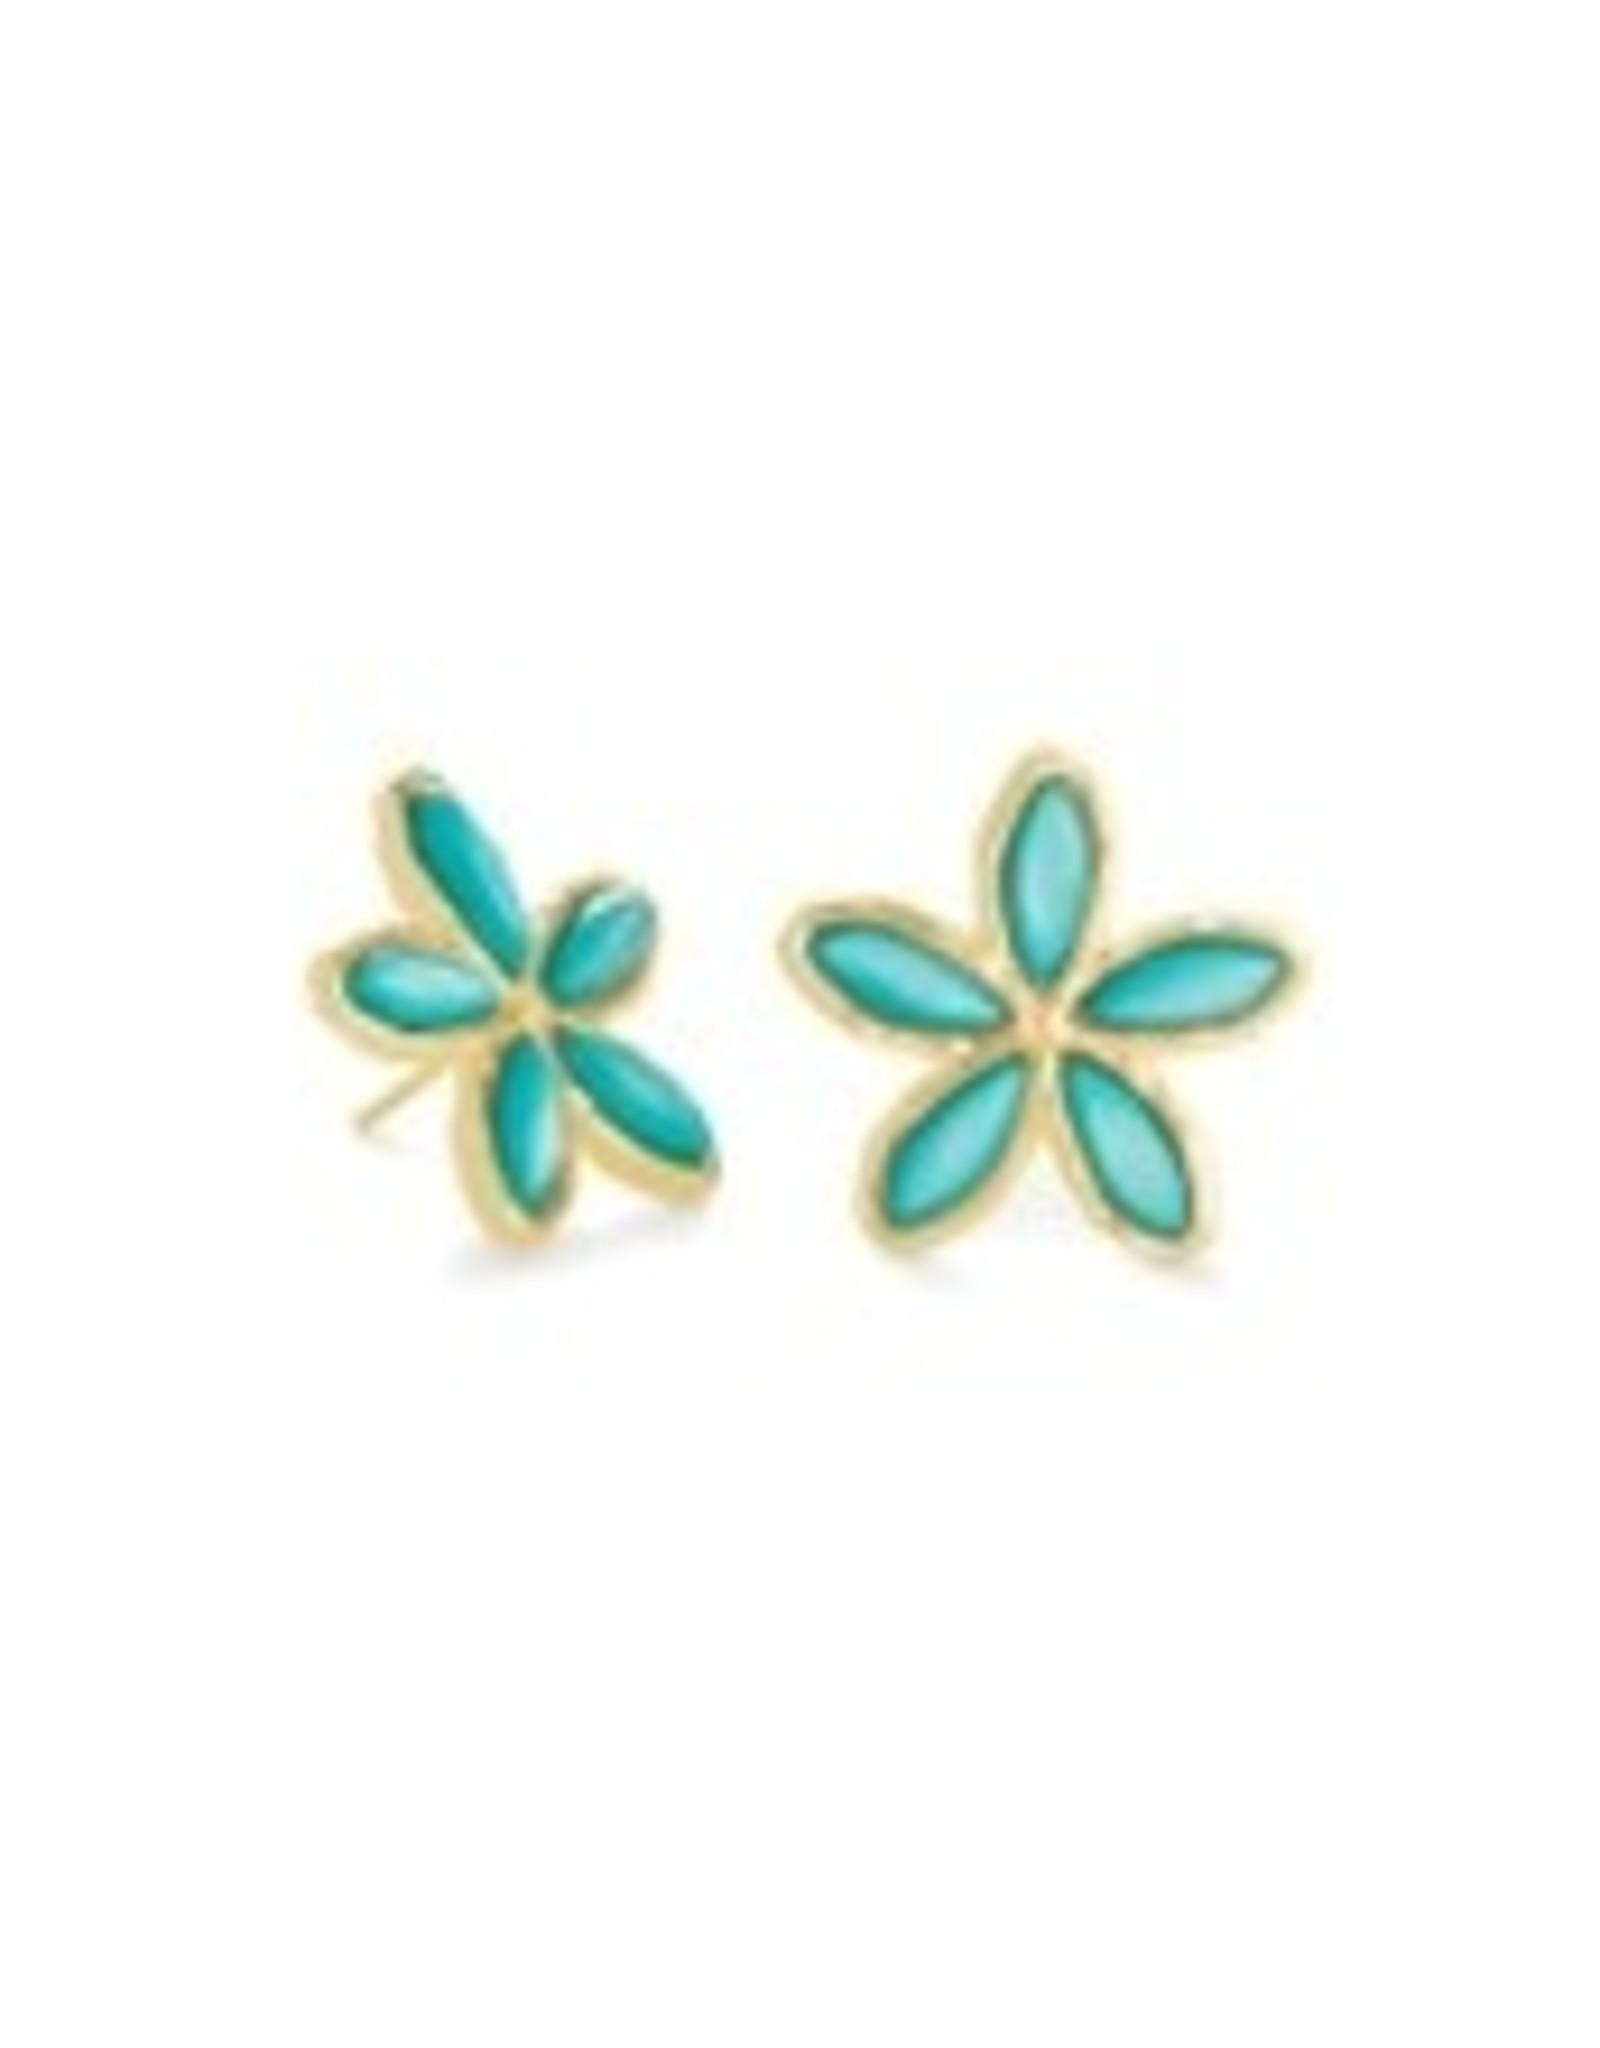 Kendra Scott Kendra Scott Earring- Kyla Flower Stud